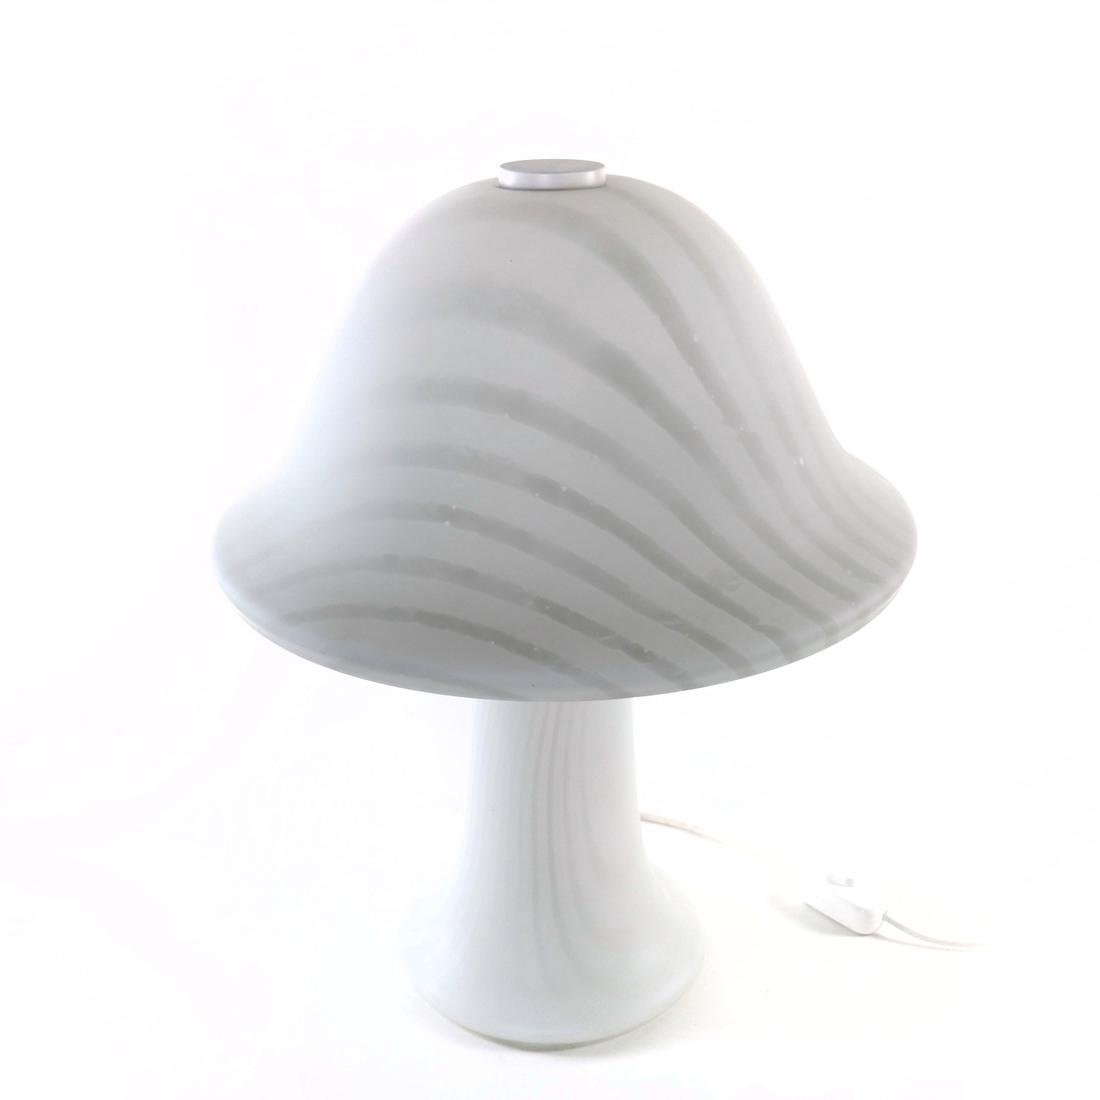 Putzler White Glass Mushroom Lamp